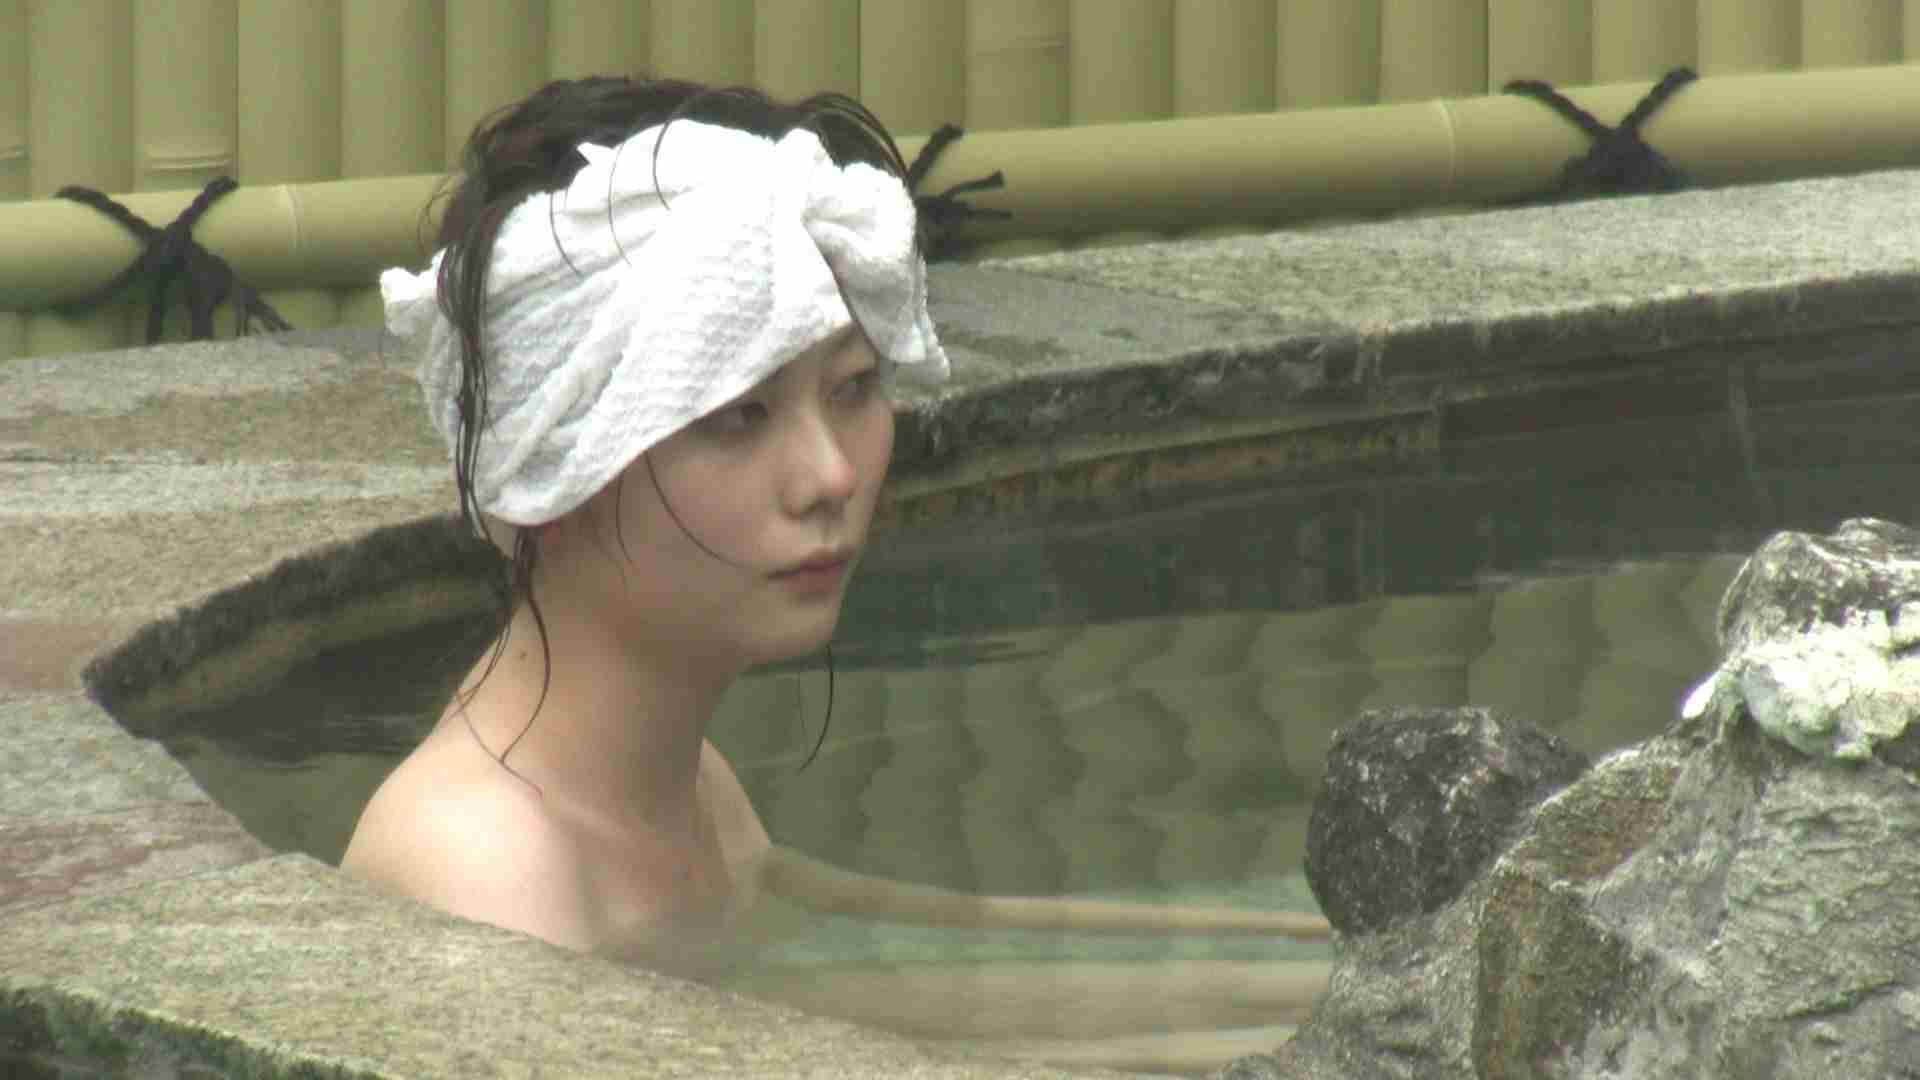 Aquaな露天風呂Vol.147 OLエロ画像 | 露天  84PICs 46